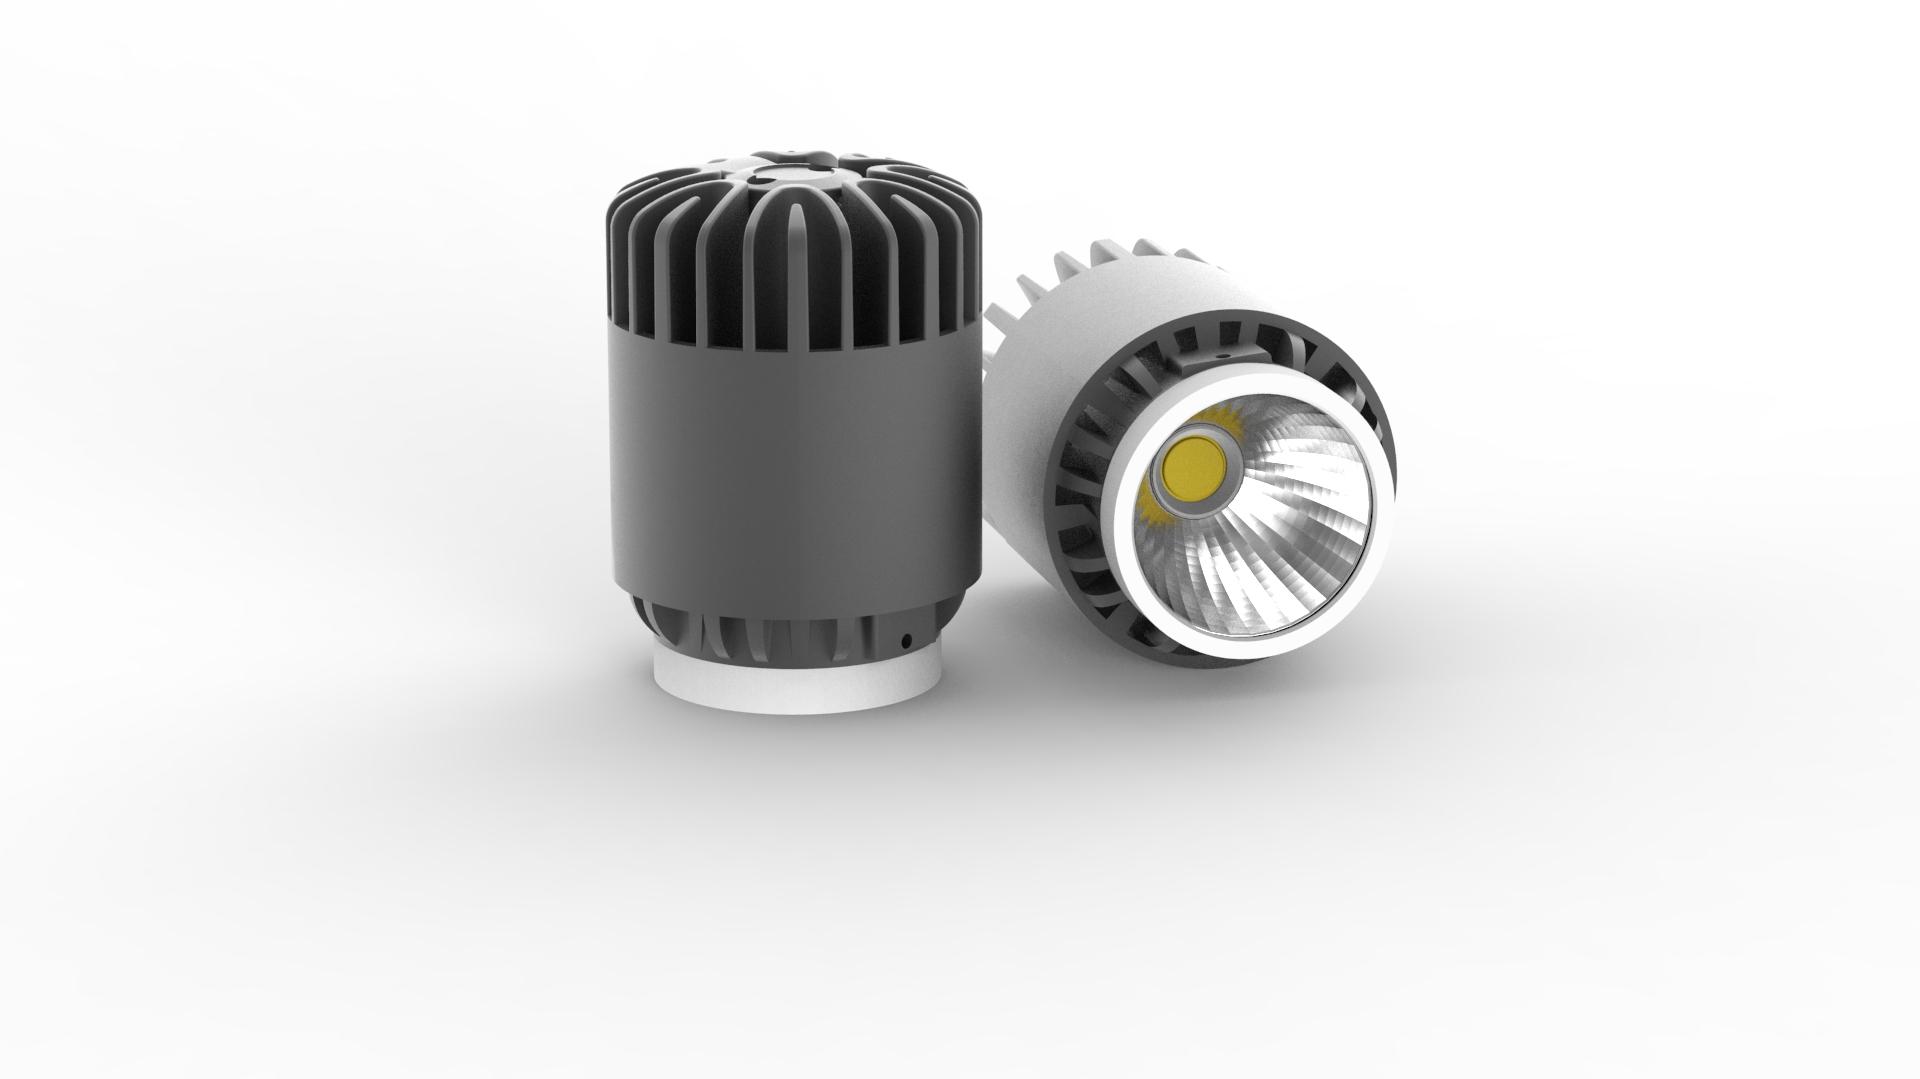 15W Downlight - DK15, Lighting companies in UAE